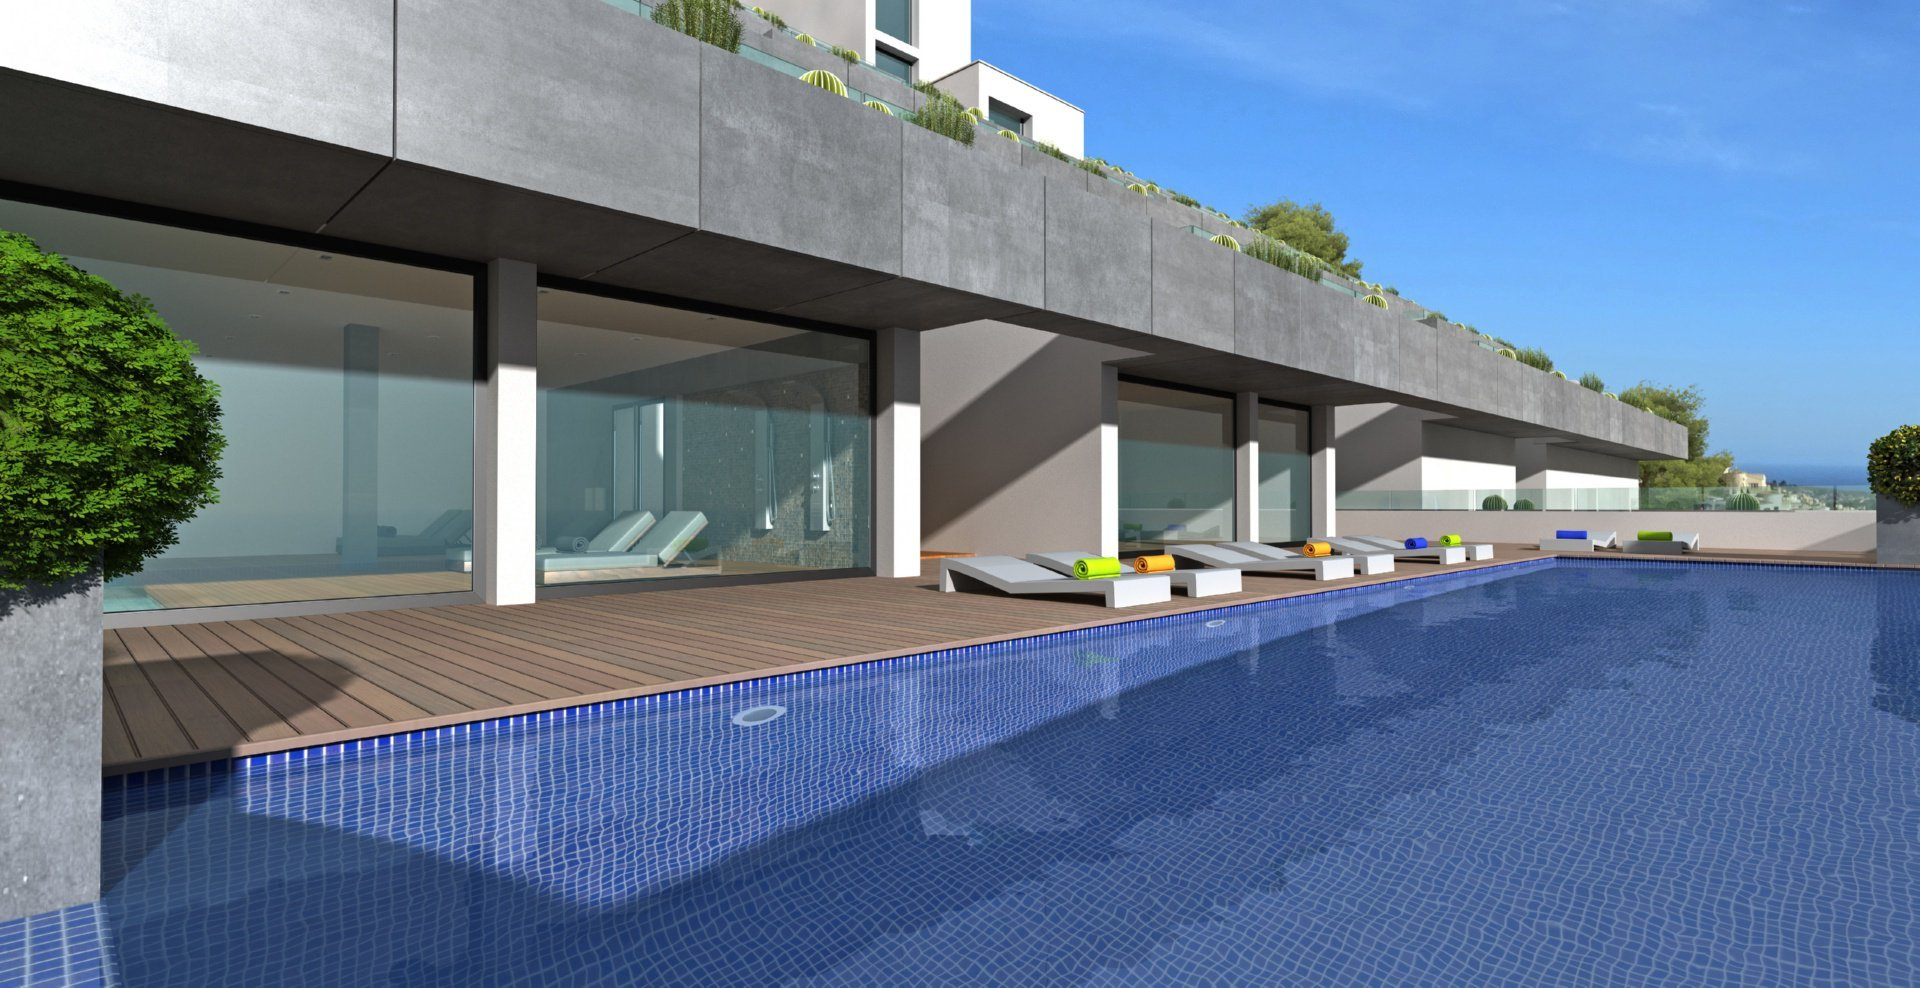 Nieuwbouw appartement met een panoramisch uitzicht op zee